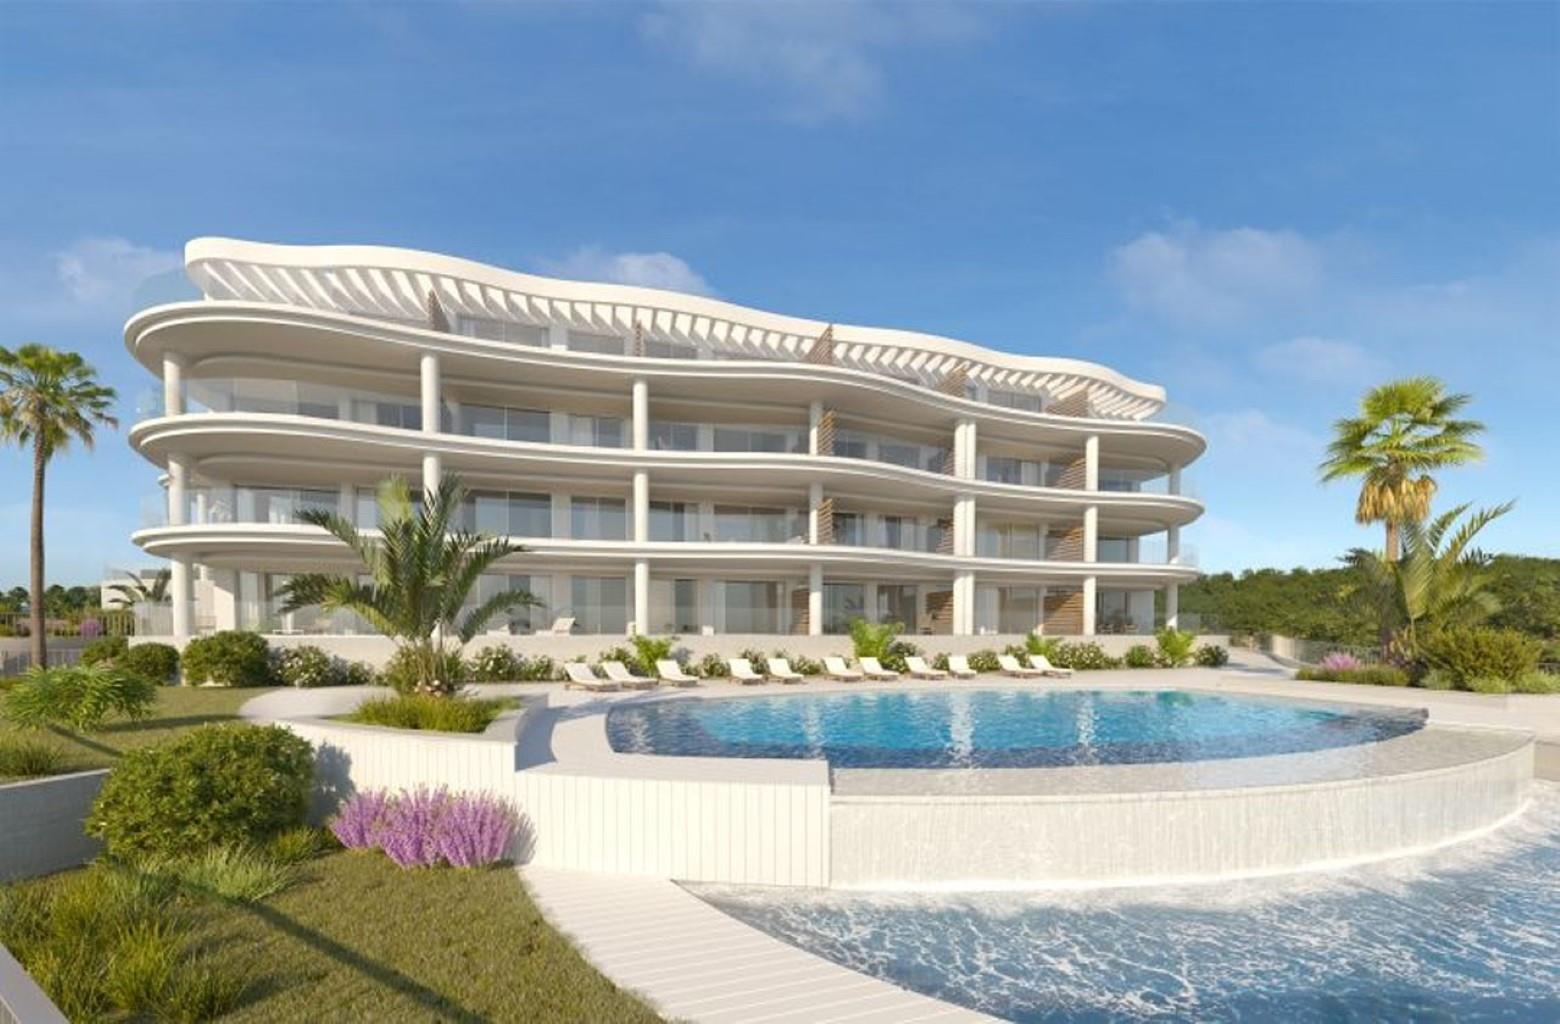 Splendide rez-de-chaussée orienté plein Sud, 2 chambres et 2 salles de bain avec une magnifique jardin de presque 30m². Certains rez-de-chaussée ont également une vue mer !